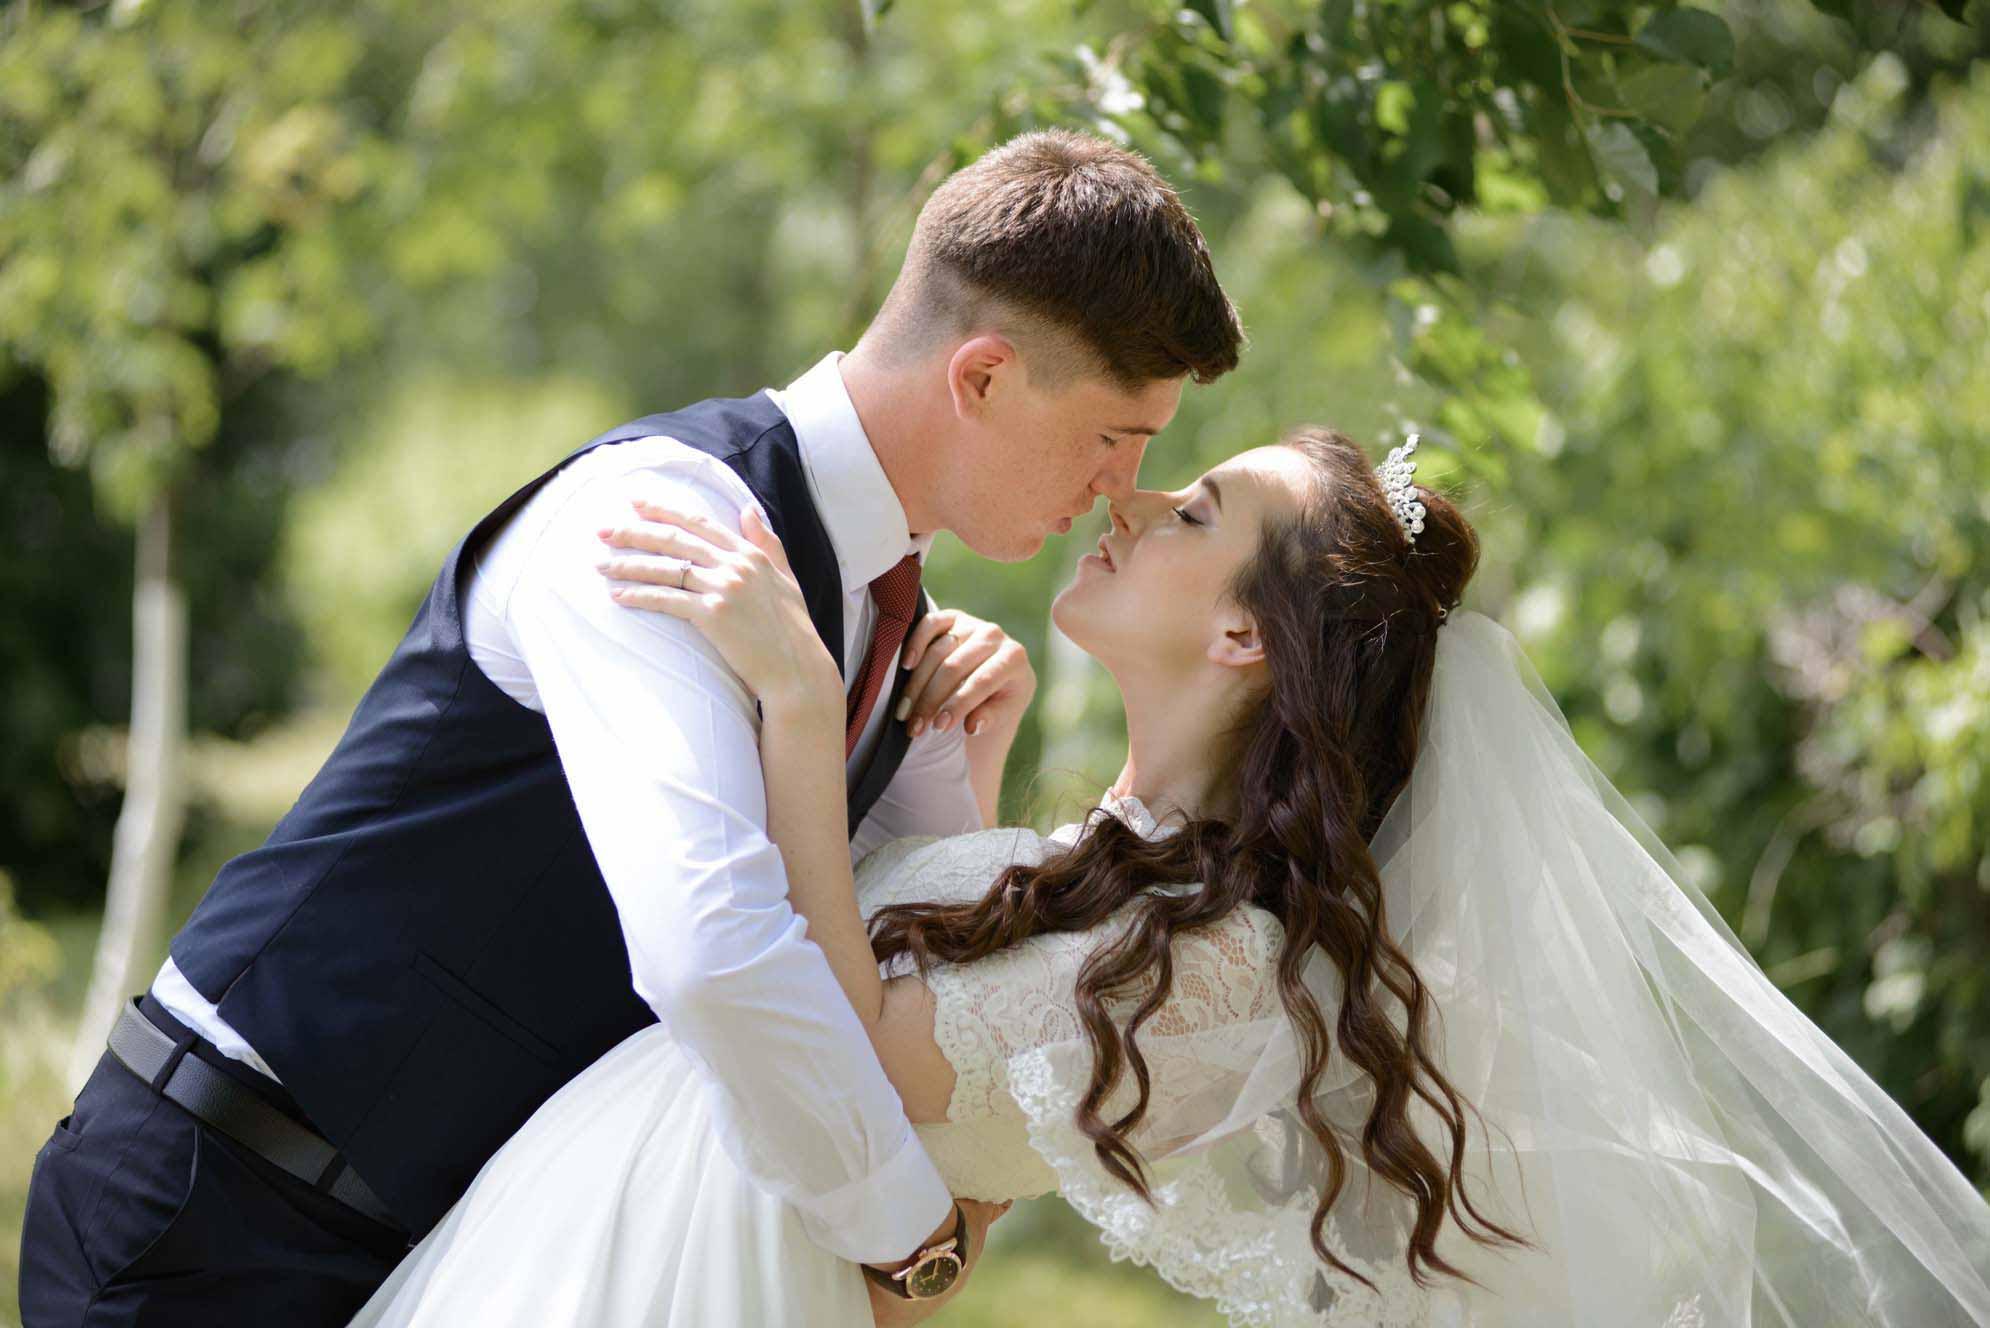 фотограф на свадьбу, фотосъемка свадьбы, свадебная фотосессия, свадебный фотограф, свадебная фотосъемка